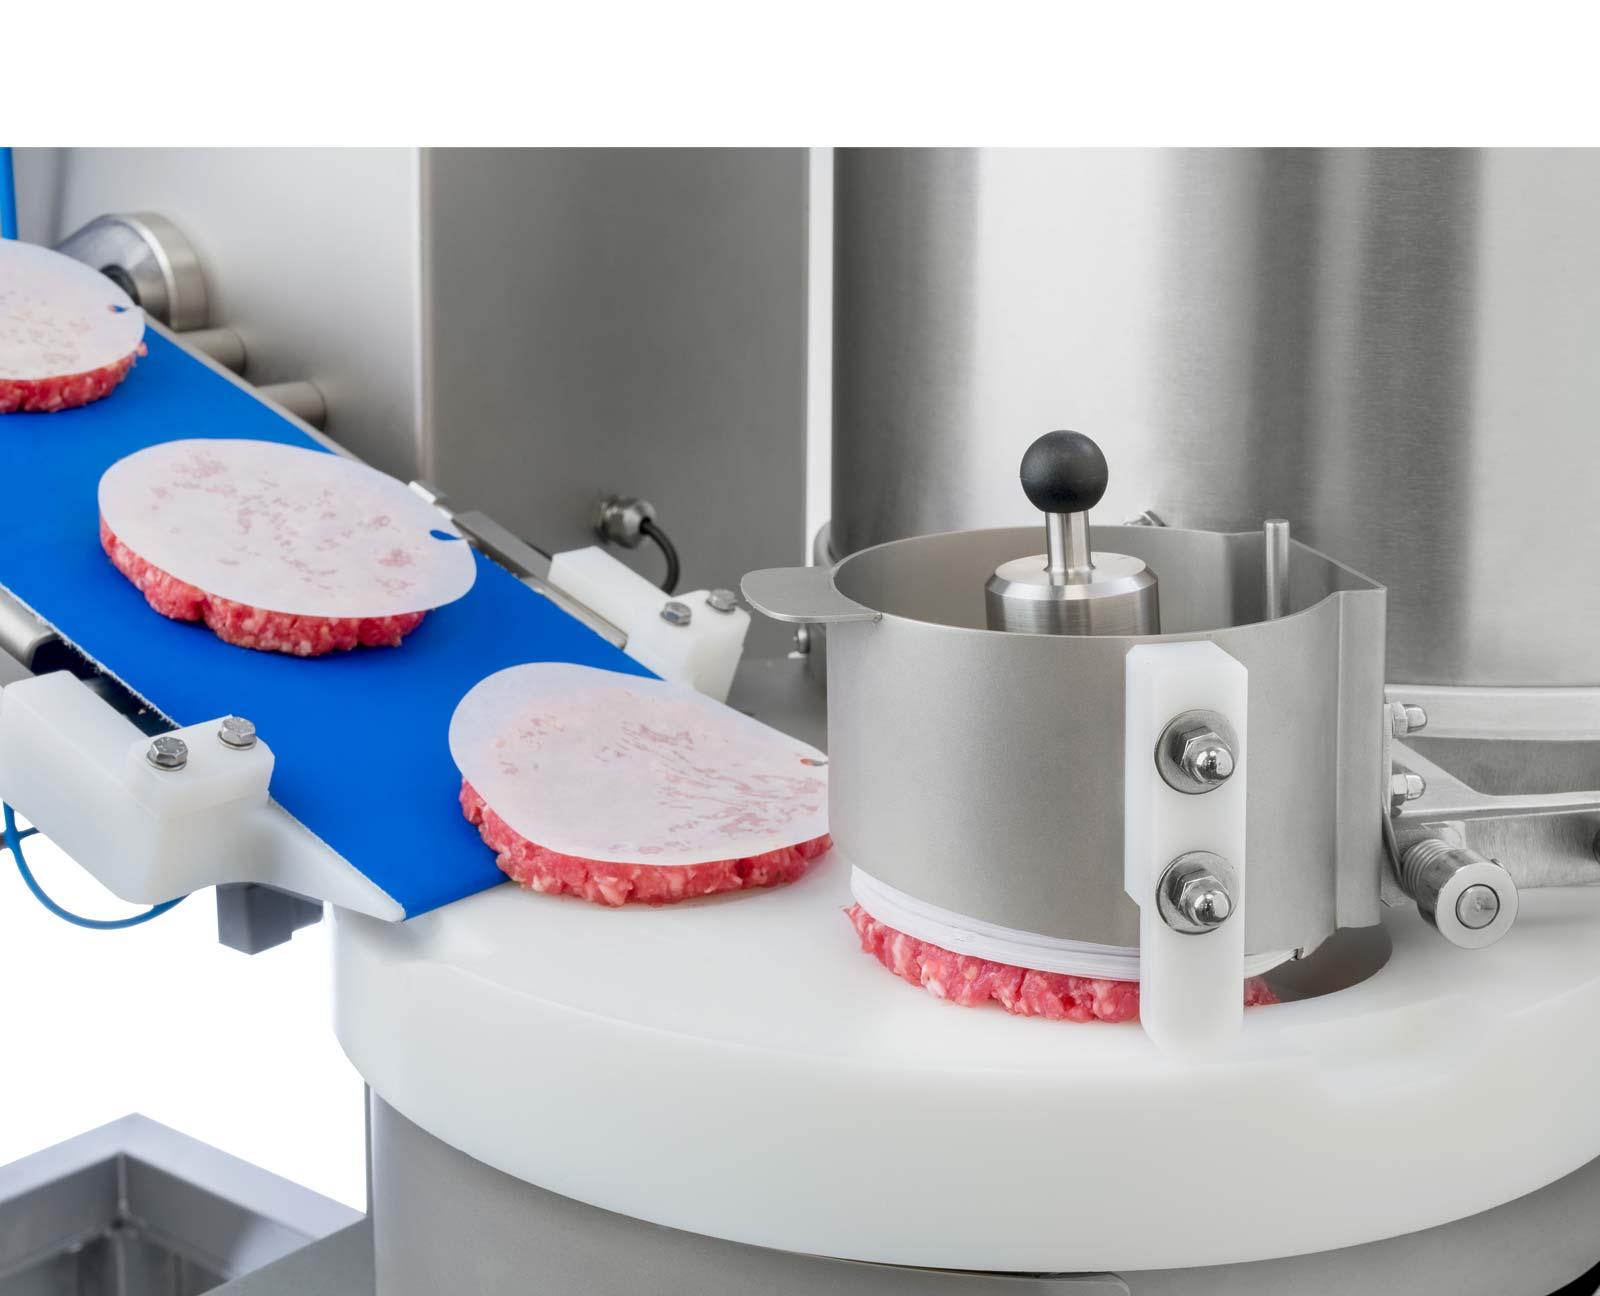 Automatischer Trennpapierspender für Hamburger + Frikadellen